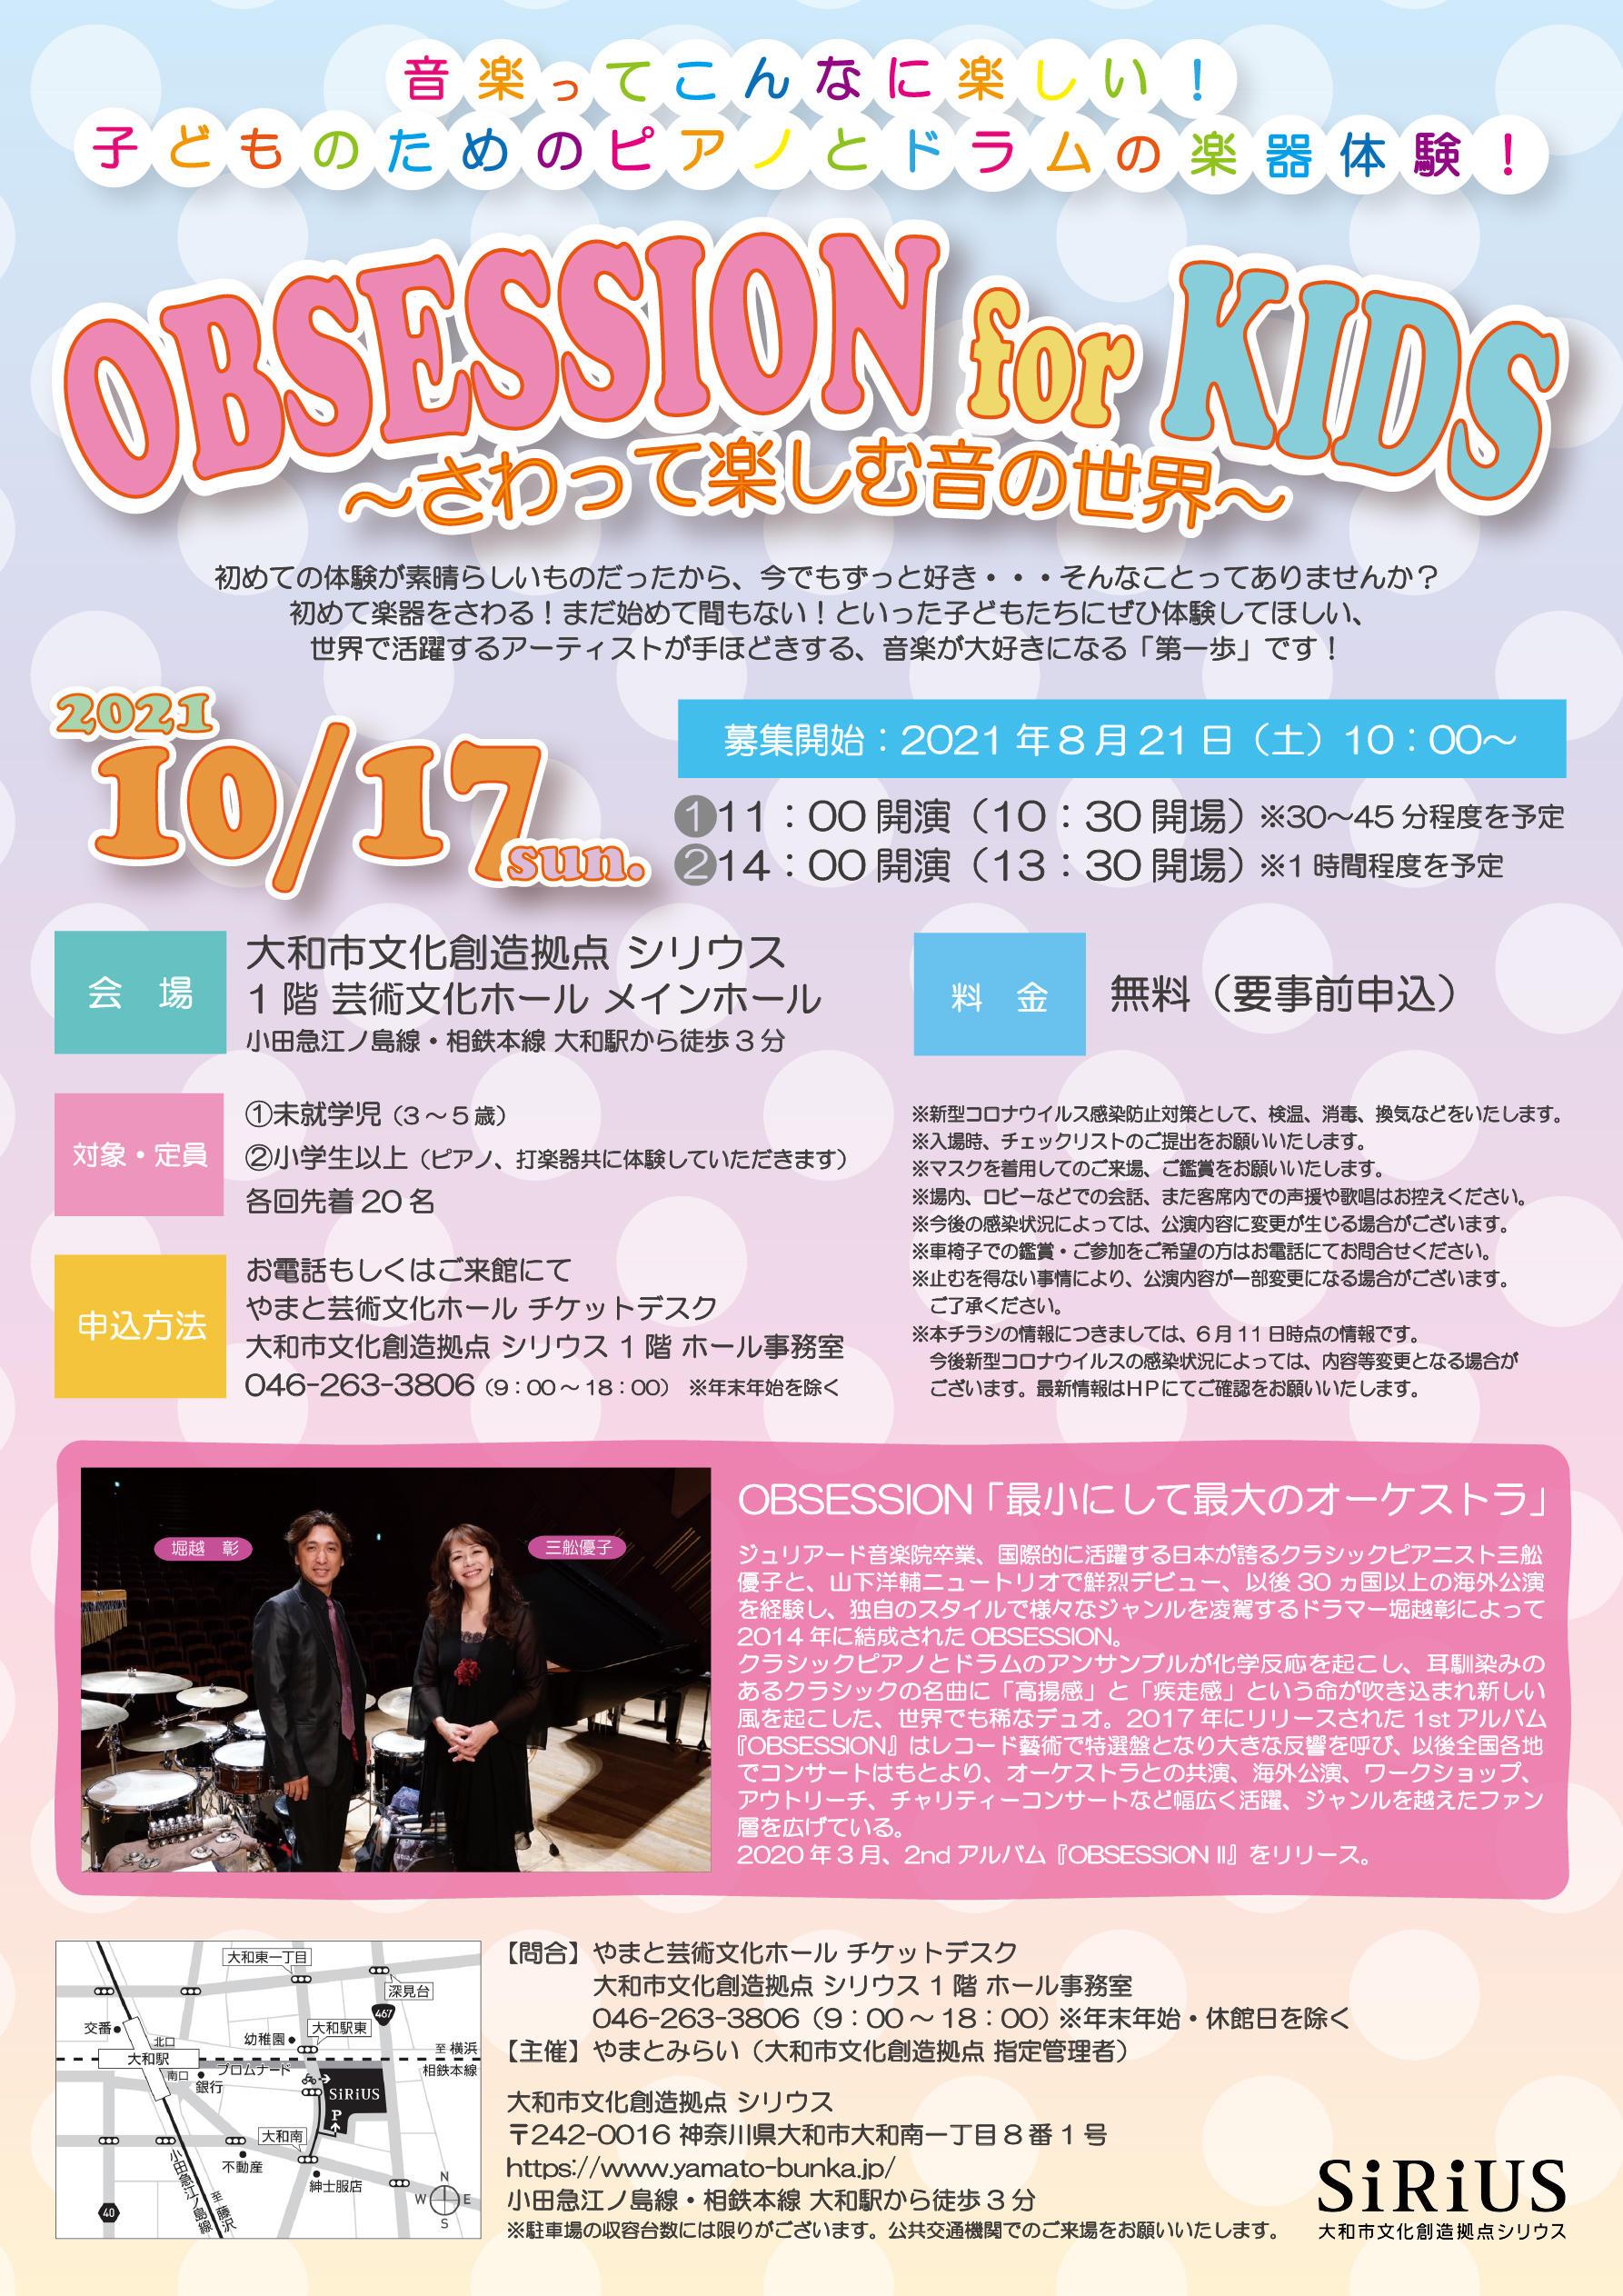 【満員御礼!】子どものためのピアノとドラムの楽器体験!OBSESSION for KIDS ~さわって楽しむ音の世界~